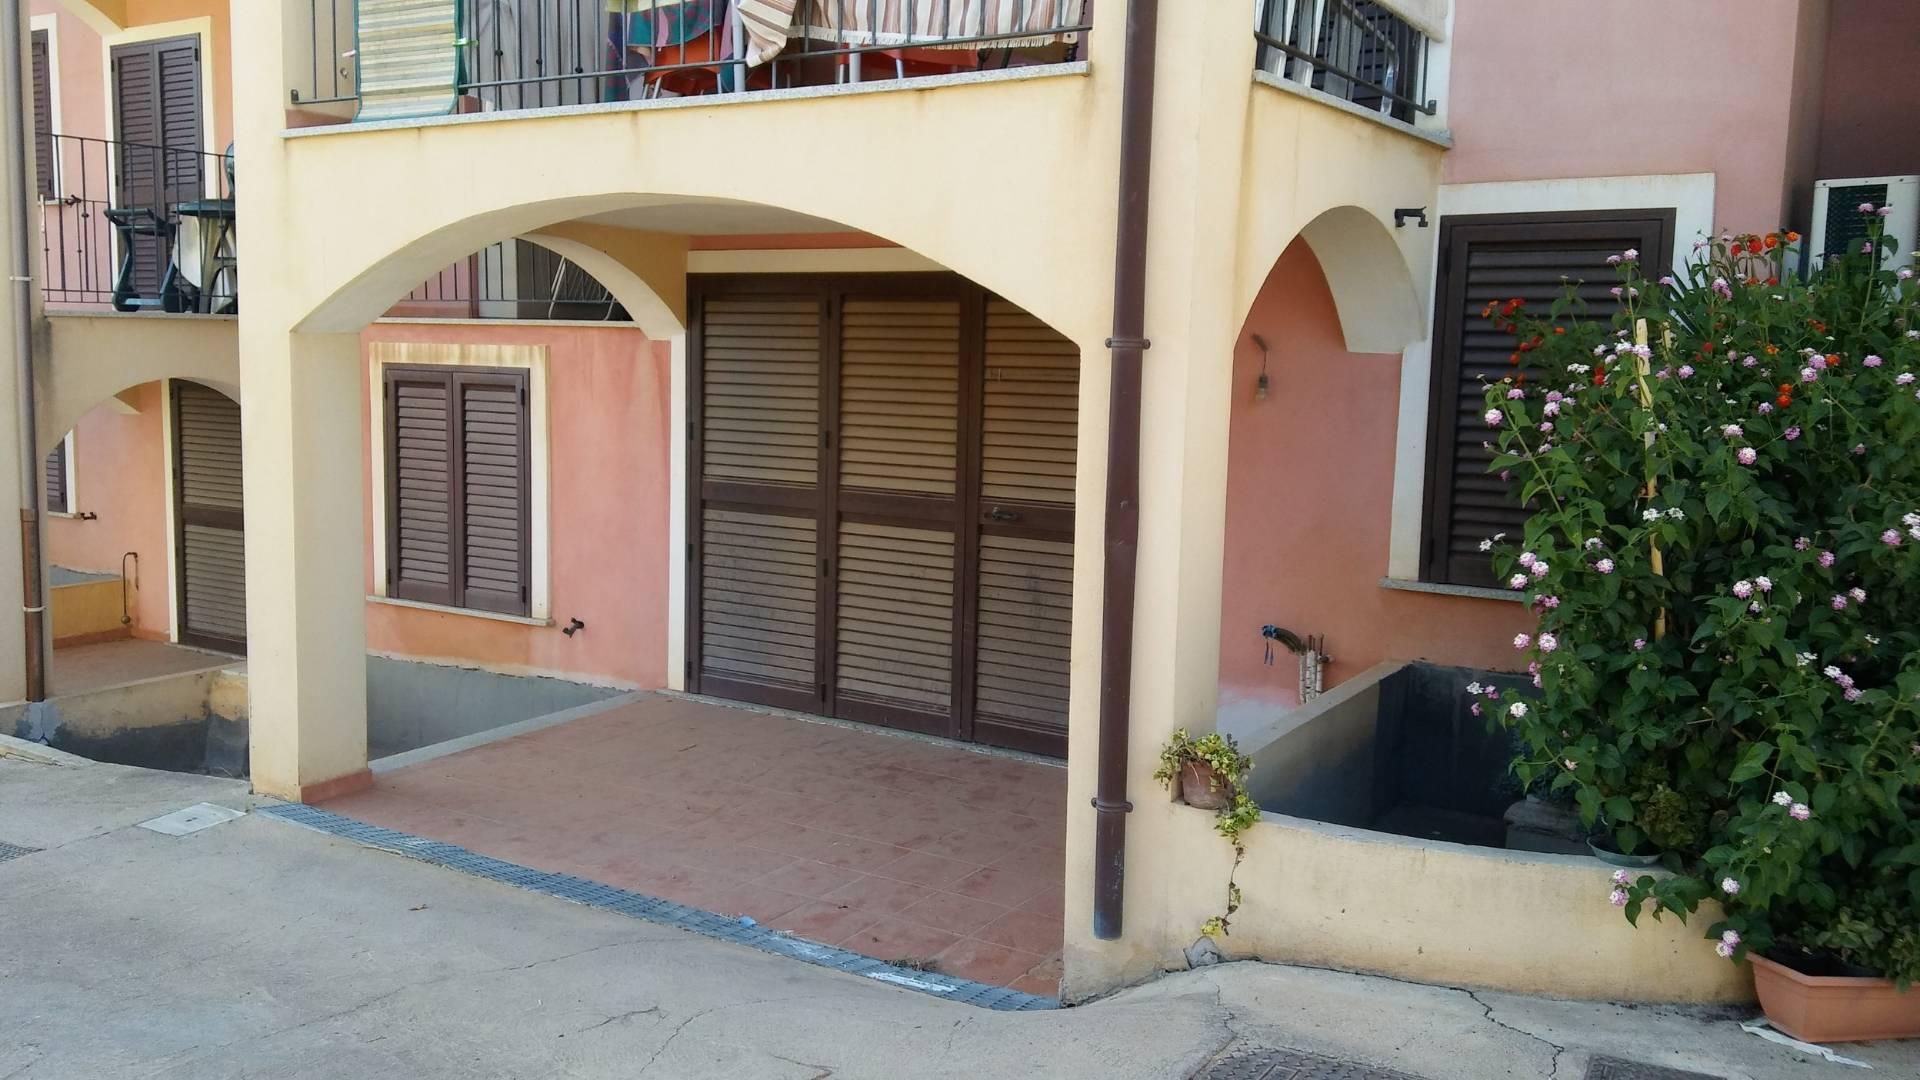 Appartamento in vendita a Baunei, 2 locali, zona Località: S.aMariaNavarrese, Trattative riservate | Cambio Casa.it